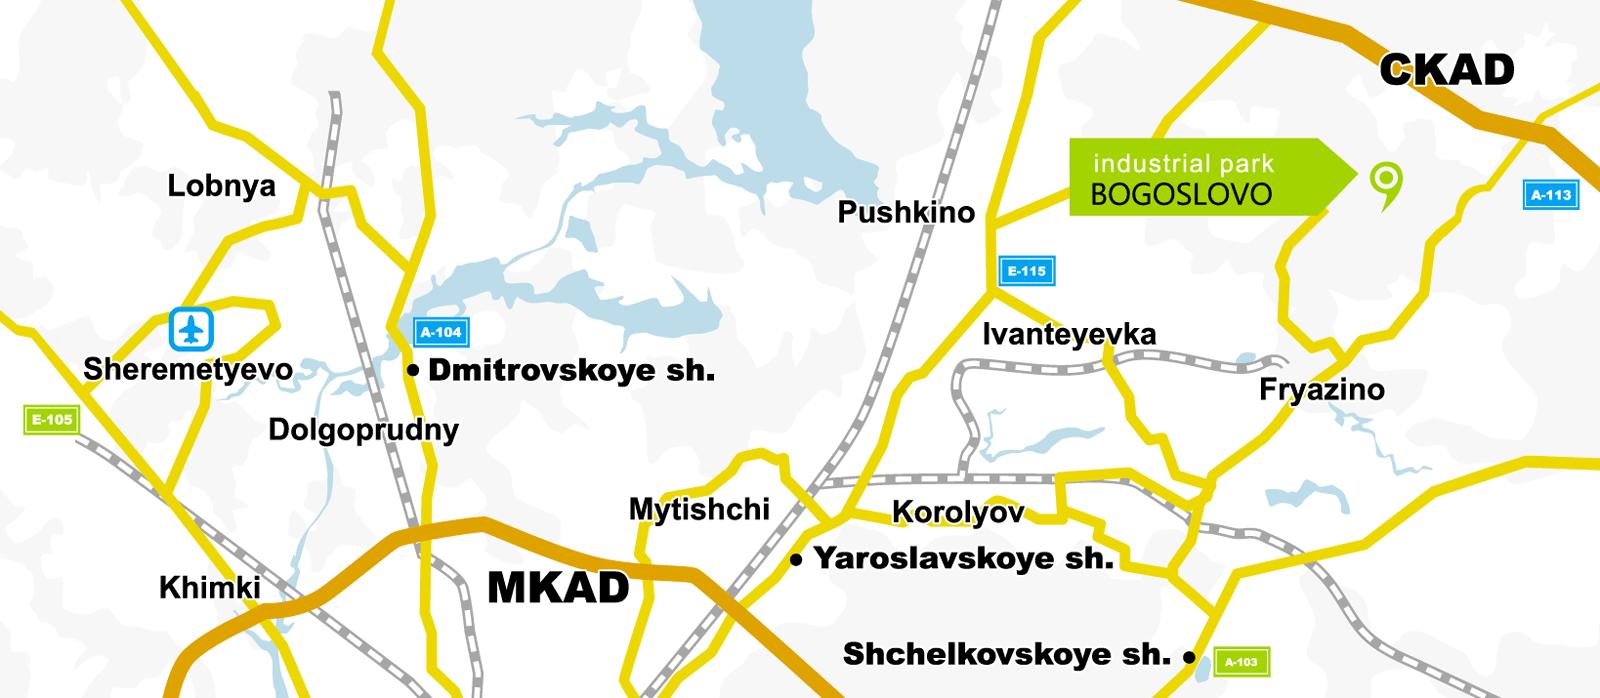 Indicazioni per il parco Industriale di Bogoslovo